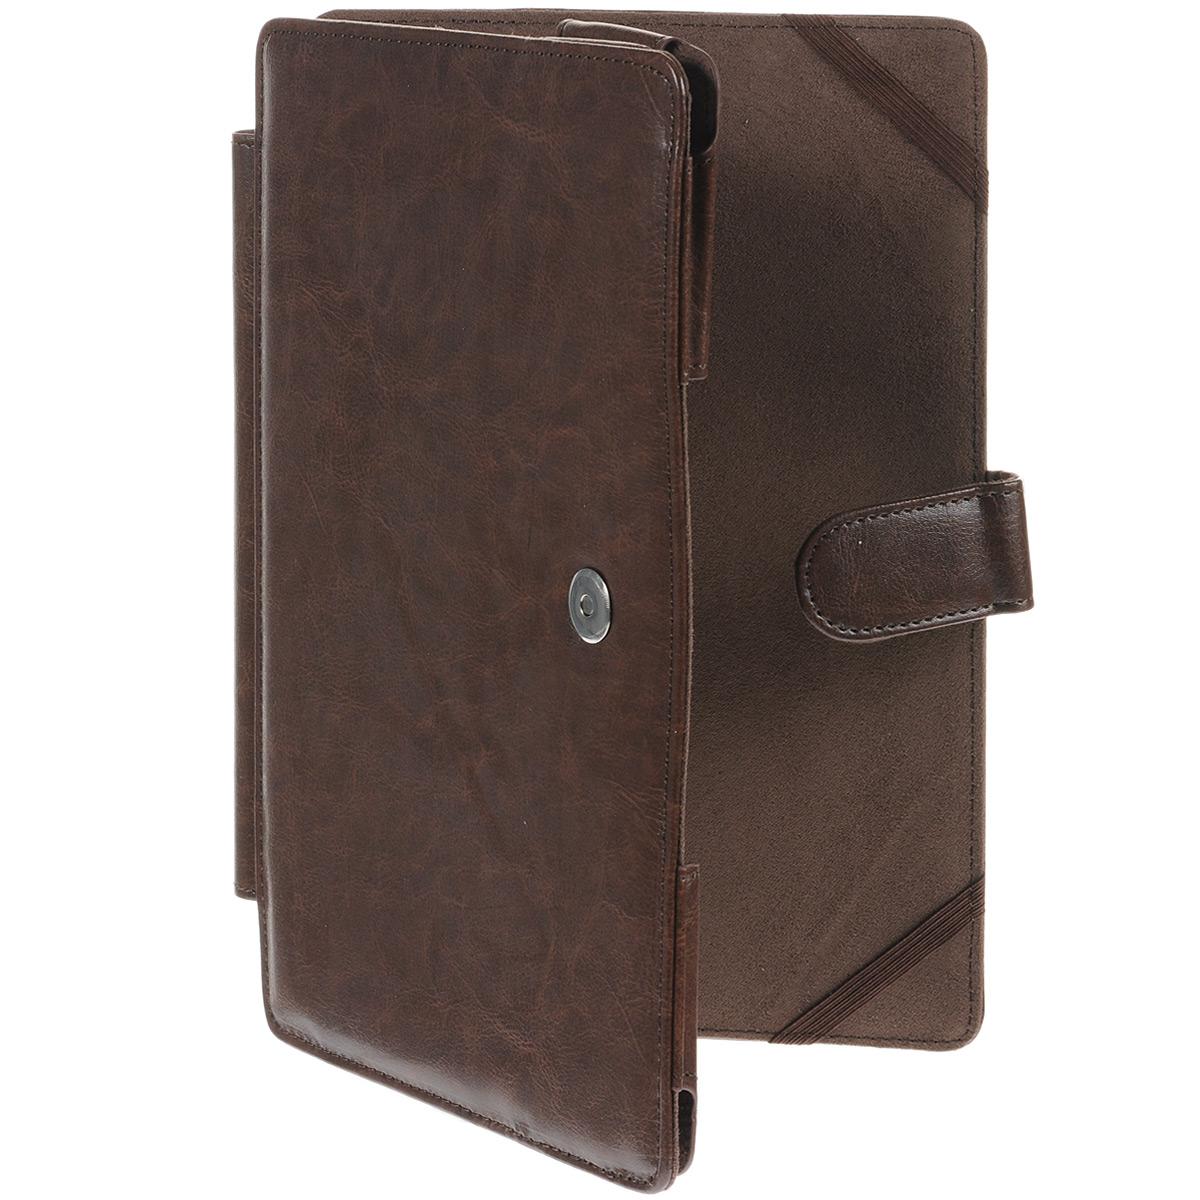 IT Baggage чехол с секцией для клавиатуры для Asus TF701/TF700, BrownITASTF704-2Чехол IT Baggage предназначен для планшетов ASUS Transformer TF701/TF700. Обложка хорошо защищает поверхность экрана от механического повреждения. Он предохранит ваш планшетный компьютер от царапин, жирных рук, пятен, которые бывает не всегда просто отмыть. Чехол весьма долговечен и практичен.